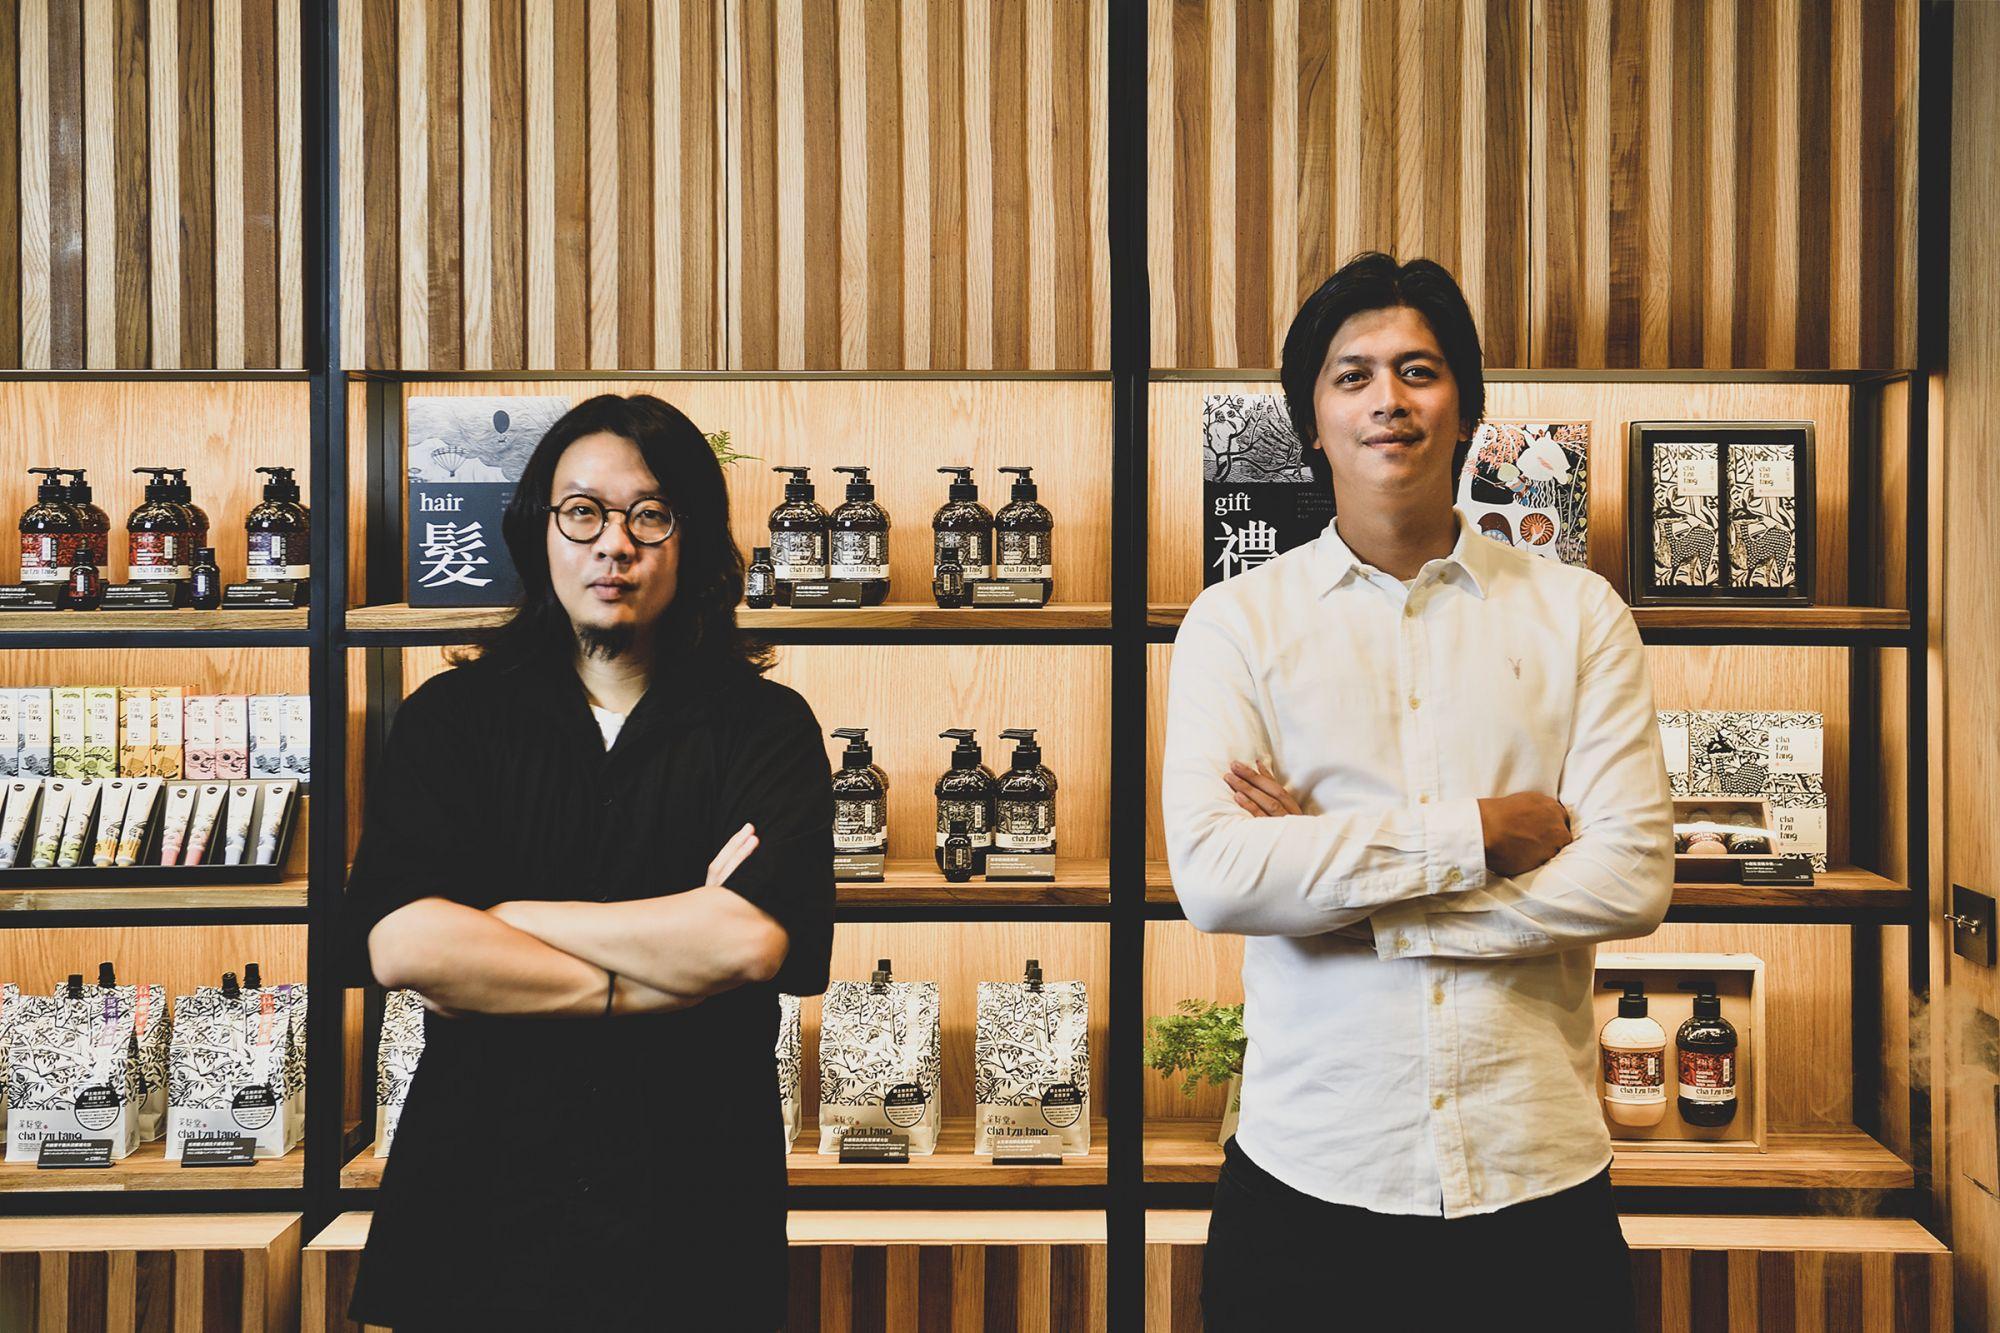 茶籽堂15週年,從「心」再出發!結合文化與土地的力量,跨界對談再述台灣之美